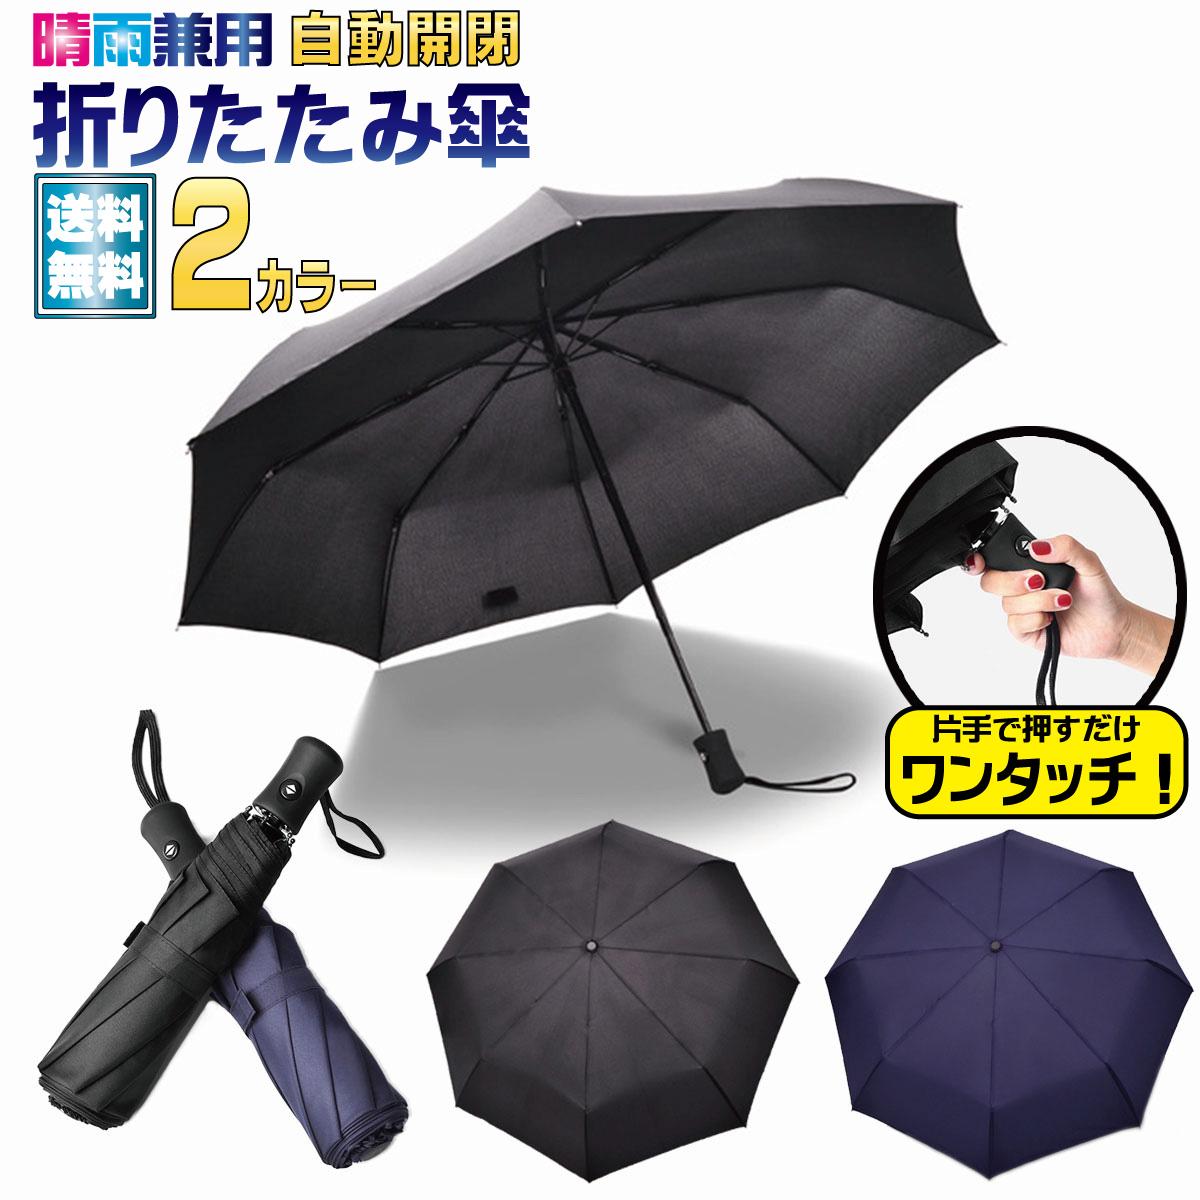 メンズ折りたたみ傘 持ち手短め 送料無料 折りたたみ傘 傘 信用 安売り 自動開閉 軽量 コンパクト 8本骨 晴雨傘 男性用 折れにくい 晴雨兼用 メンズ ワンタッチ 持ち手短い 雨傘